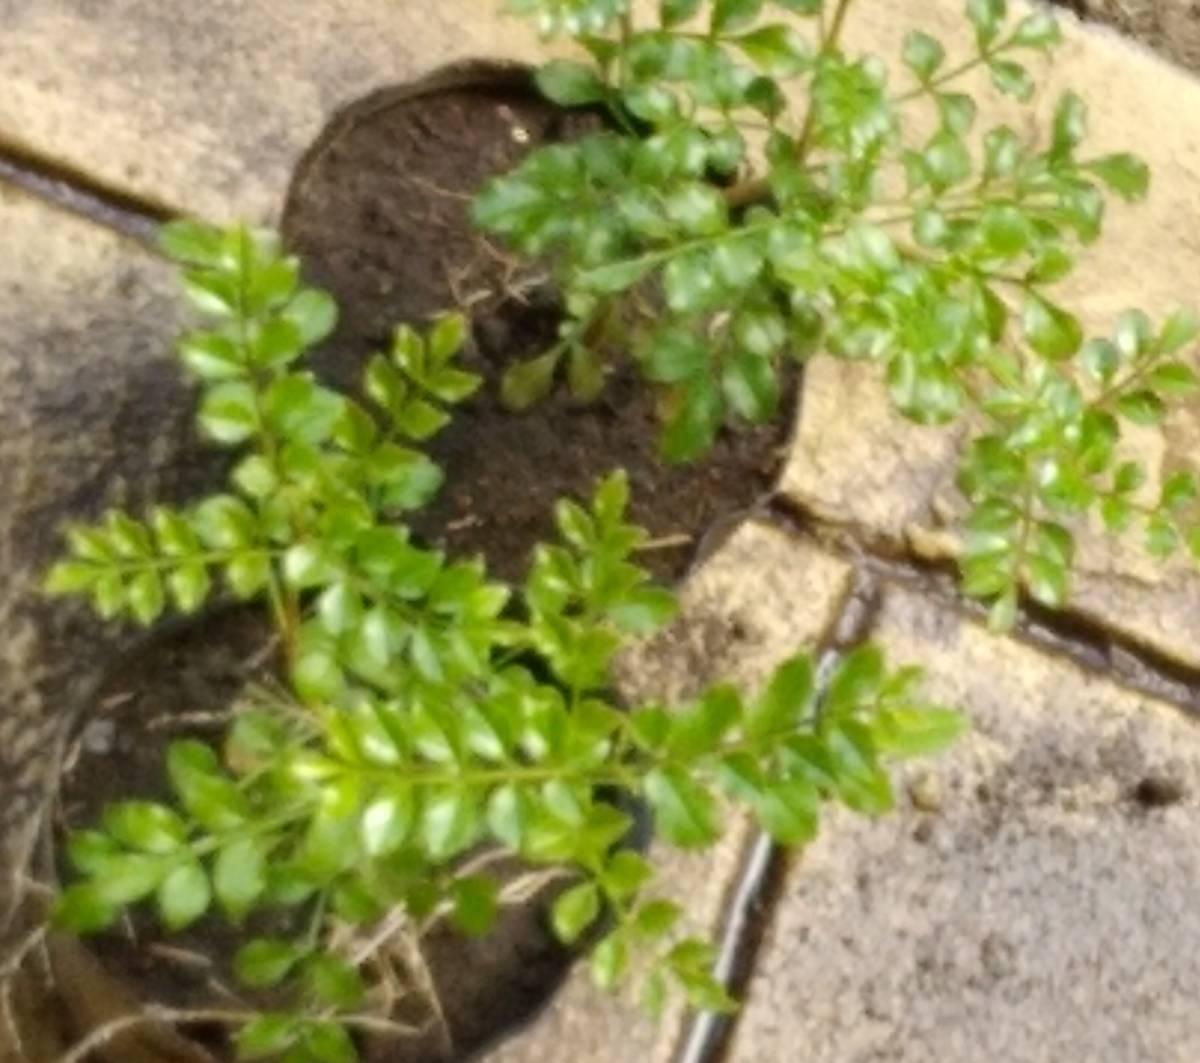 ◆育ててシンボルツリーに 苗【シマトネリコ】15~20センチ程度 鉢植え 苗木 ポット 庭木・目隠しにガーデニング しまとねりこ _画像3